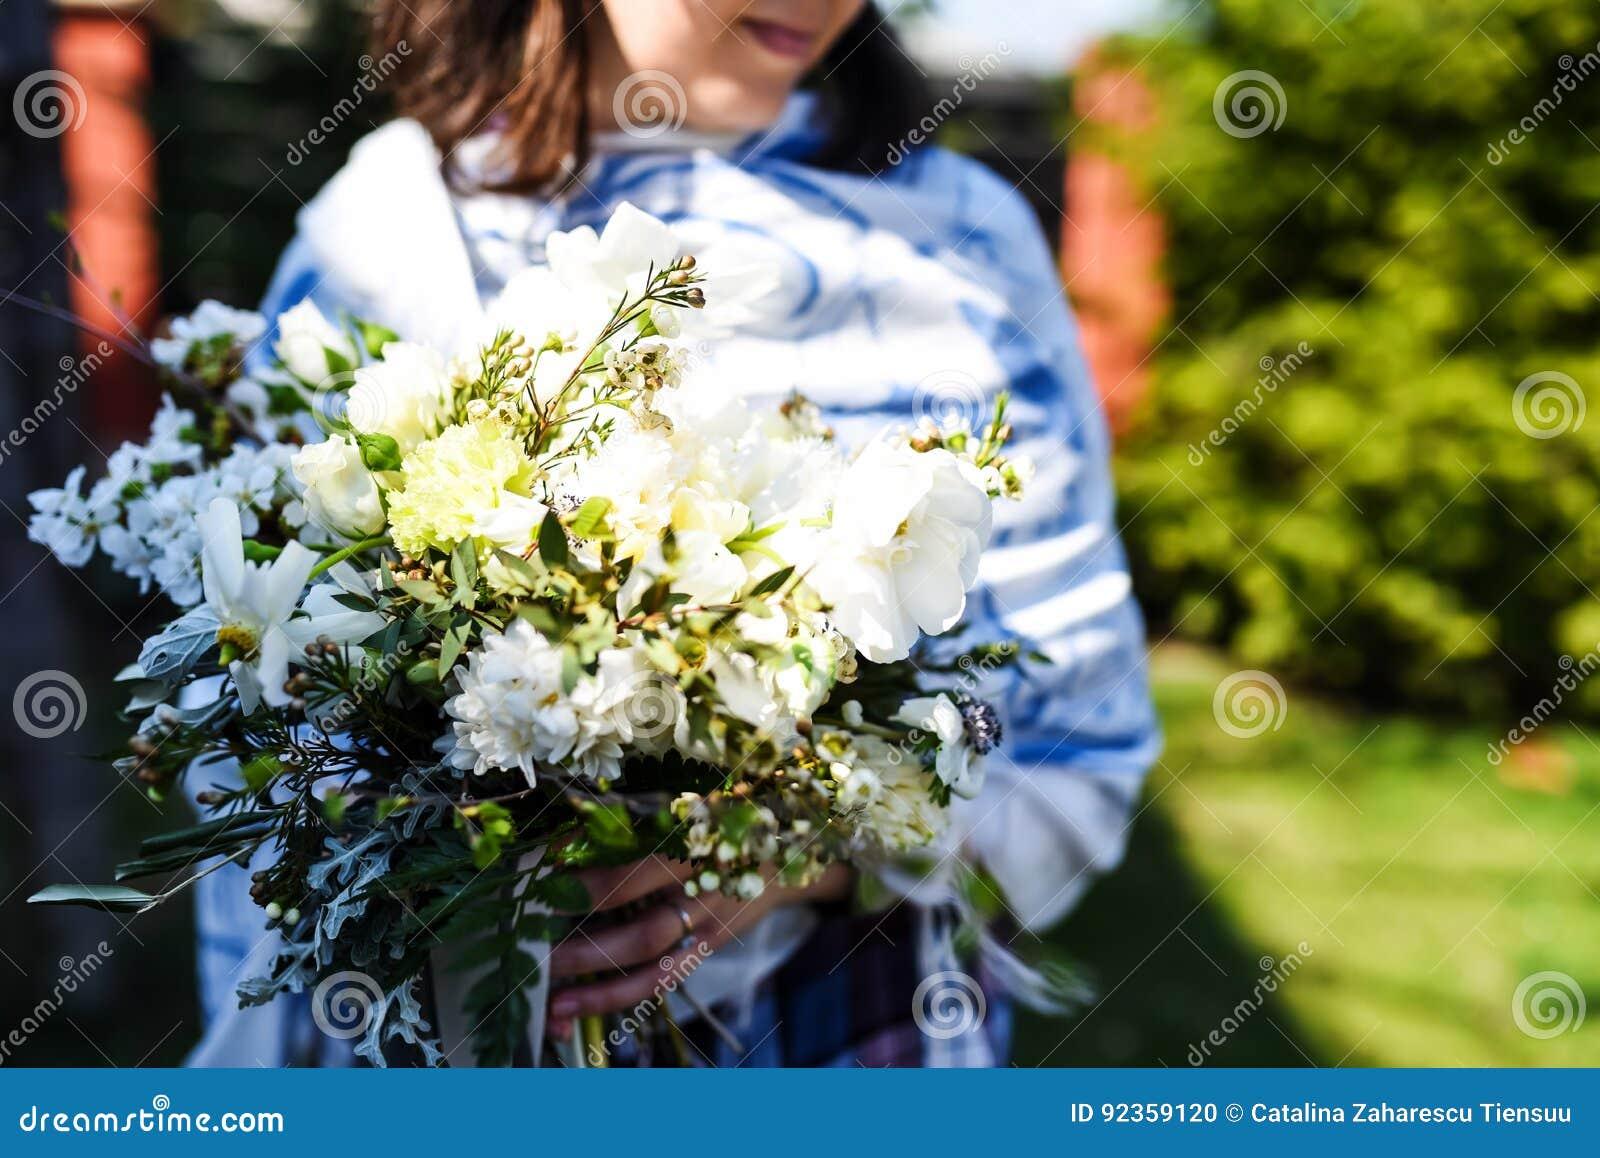 Jonge vrouw met een mooi boeket van verjaardagsbloemen